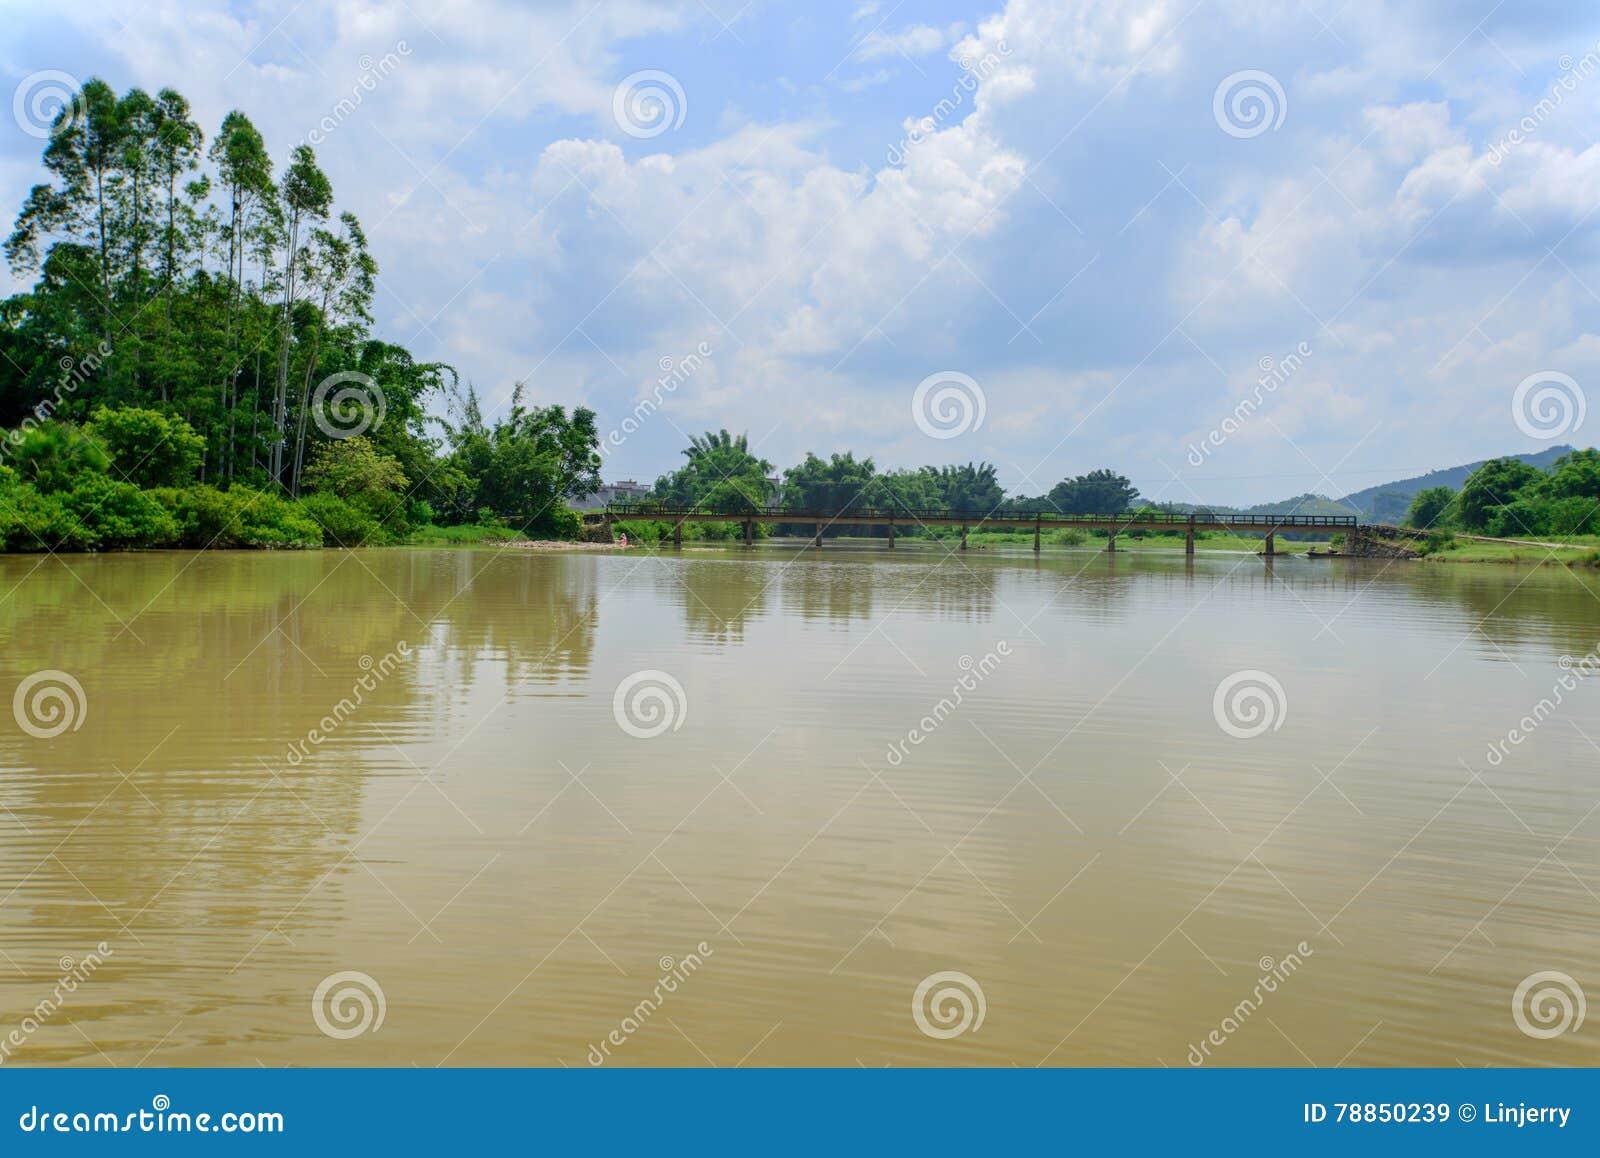 China Guilin Yangshuo guilin lijiang river River